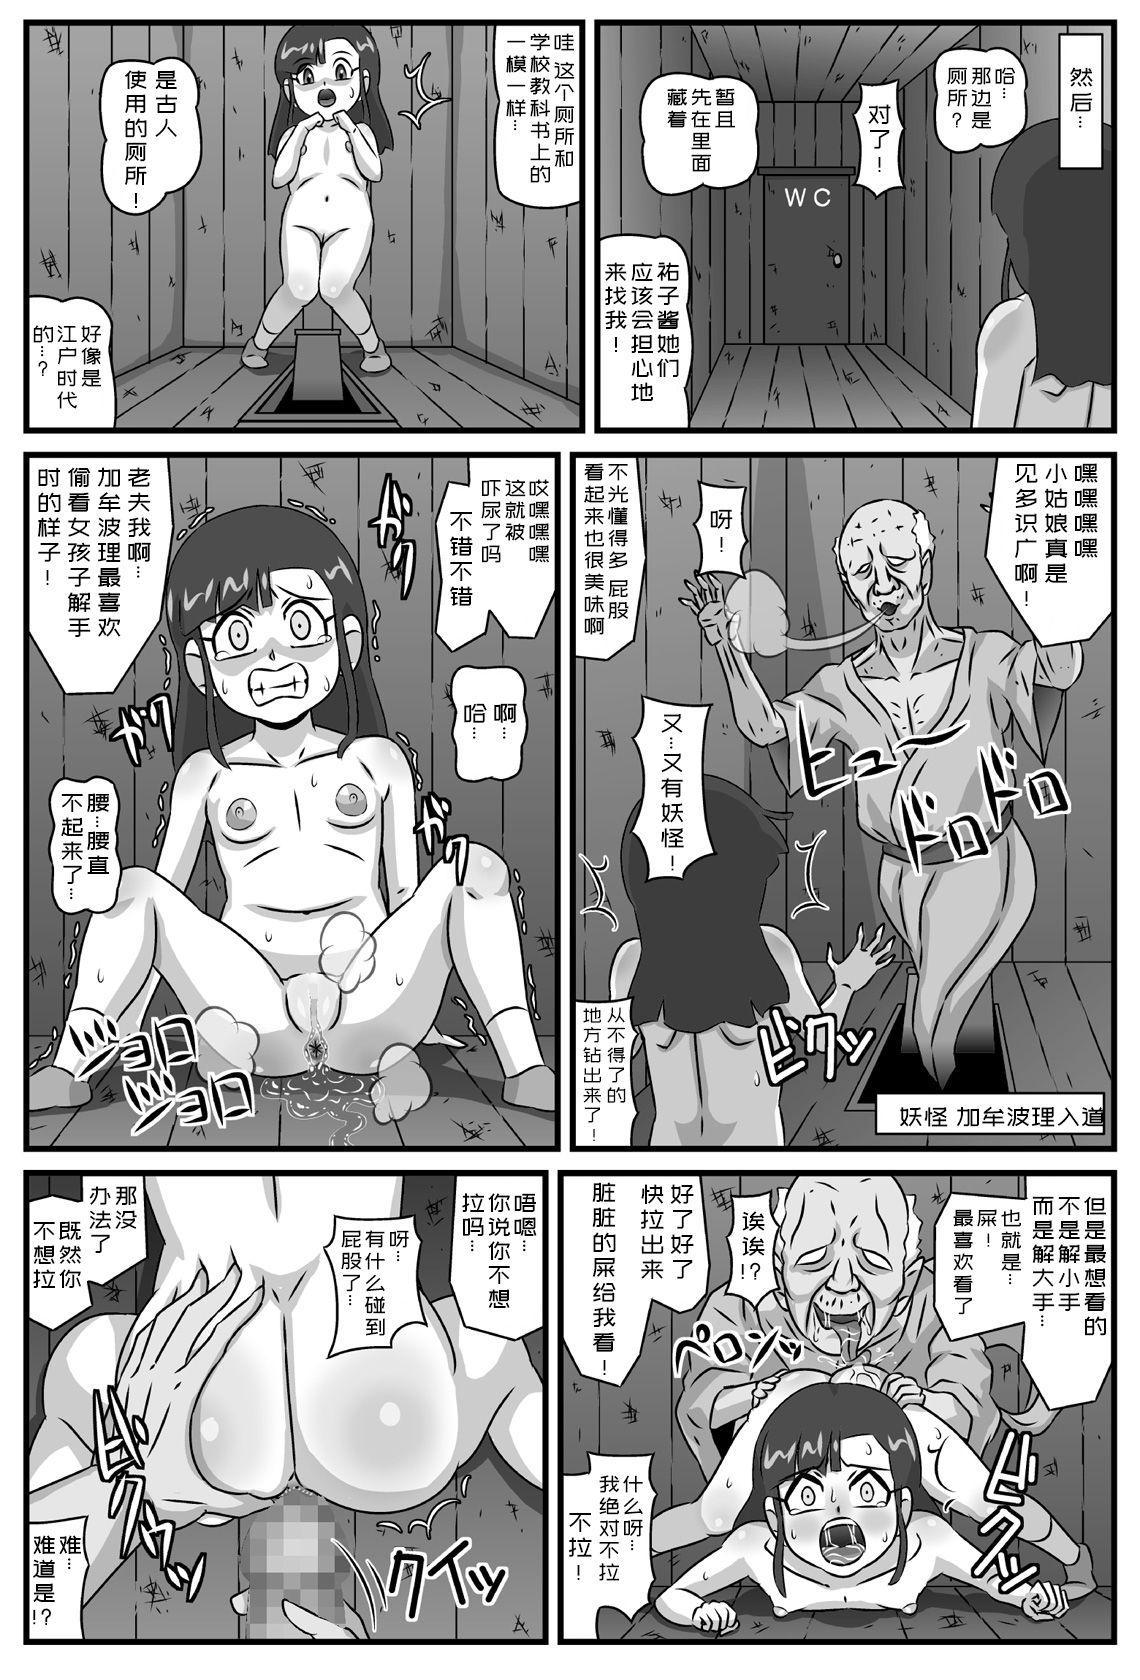 [Amatsukami] Hyakki Yakan Youkai Yashiki Hen Jou[Chinese]【不可视汉化】 12